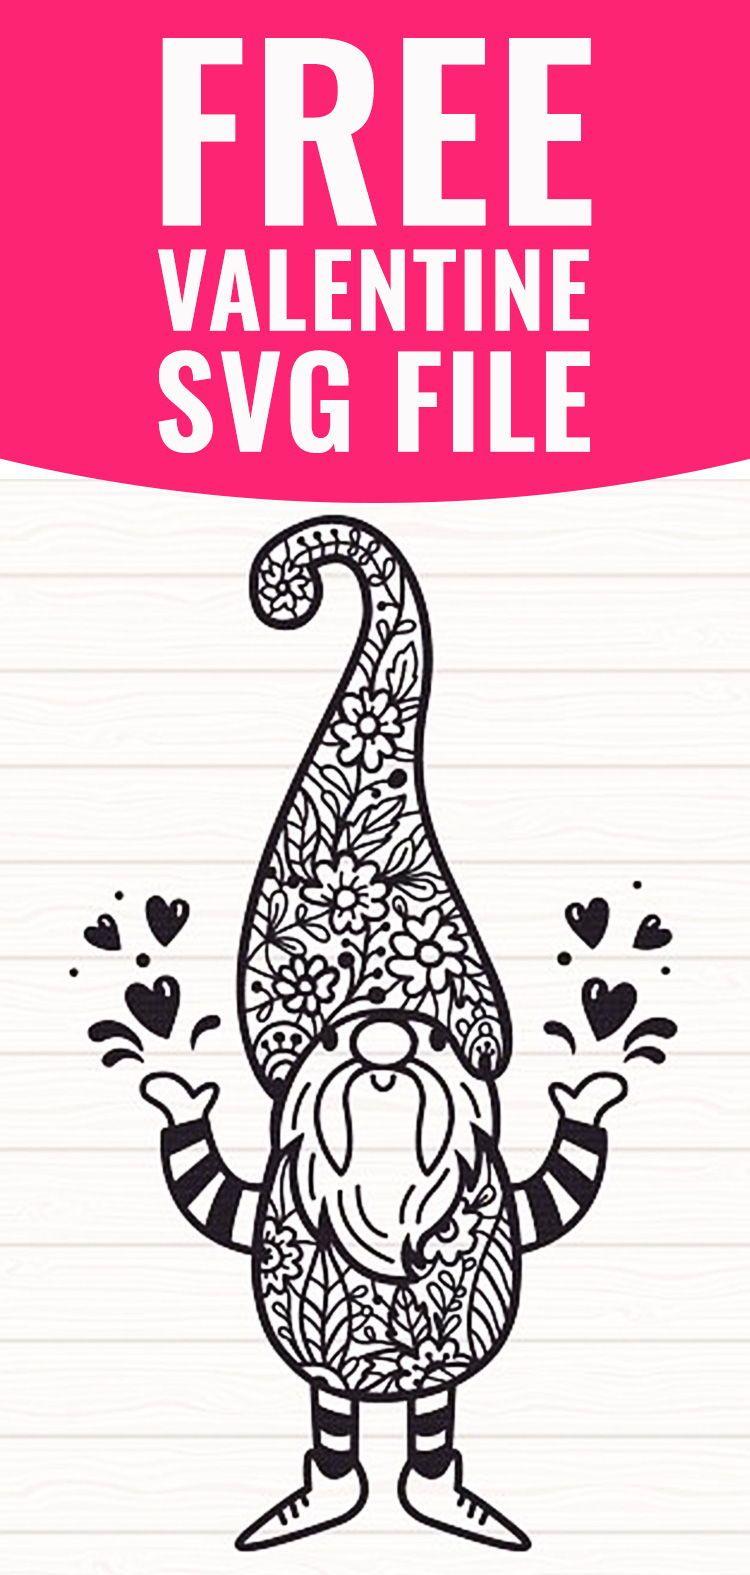 Free Gnome Svg : gnome, Gnome, Download, Design, Resources, Valentine, Files,, Valentines